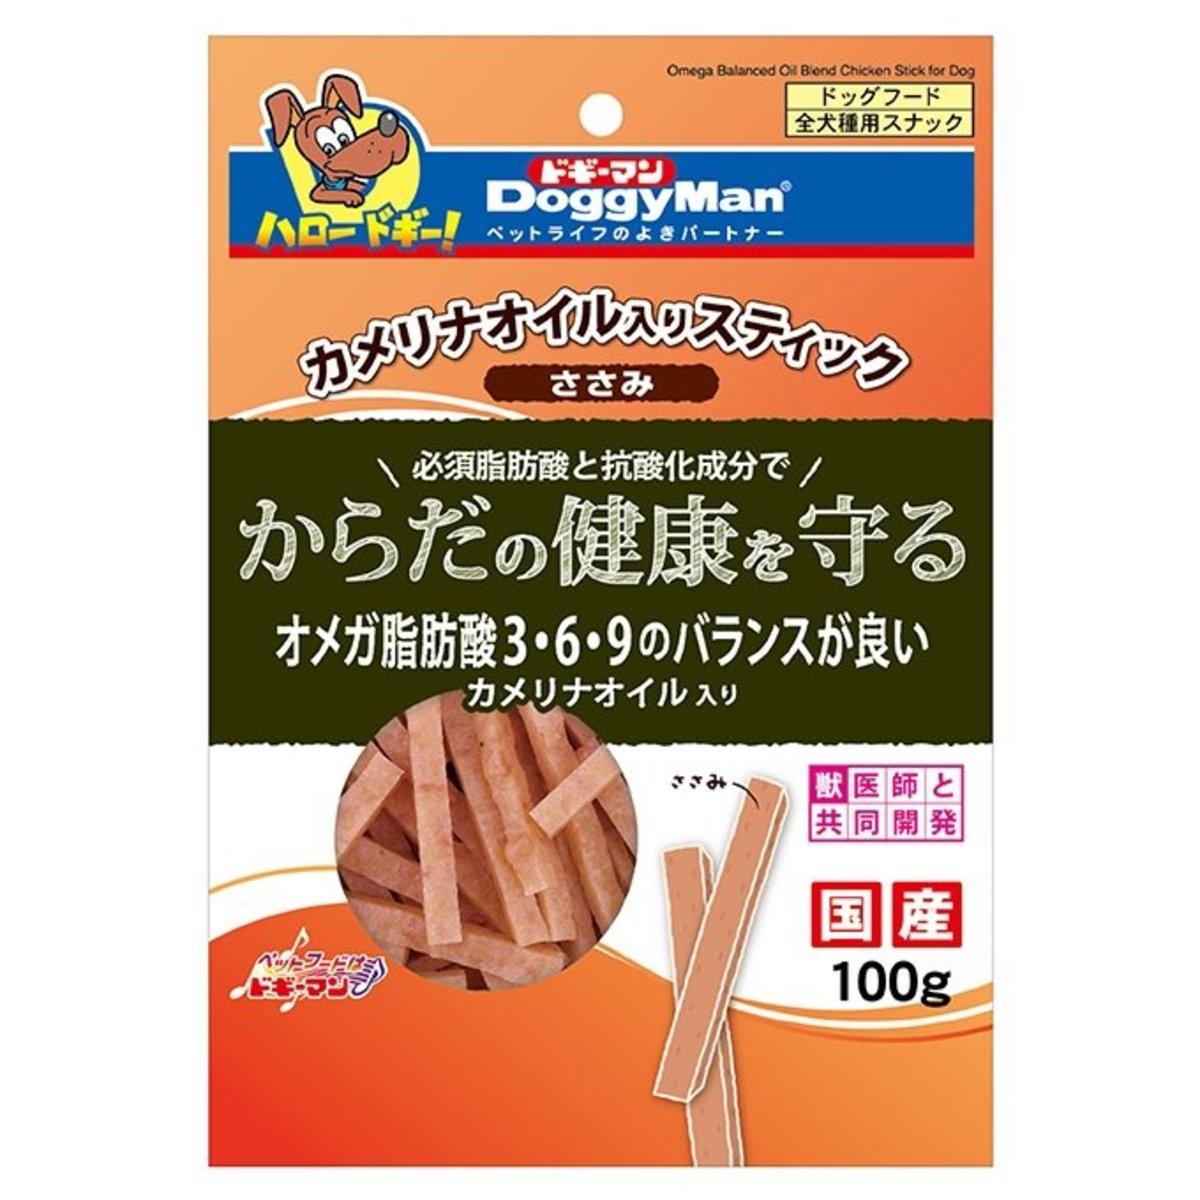 亞米茄美毛健康雞肉條 (100g) #82238 B4